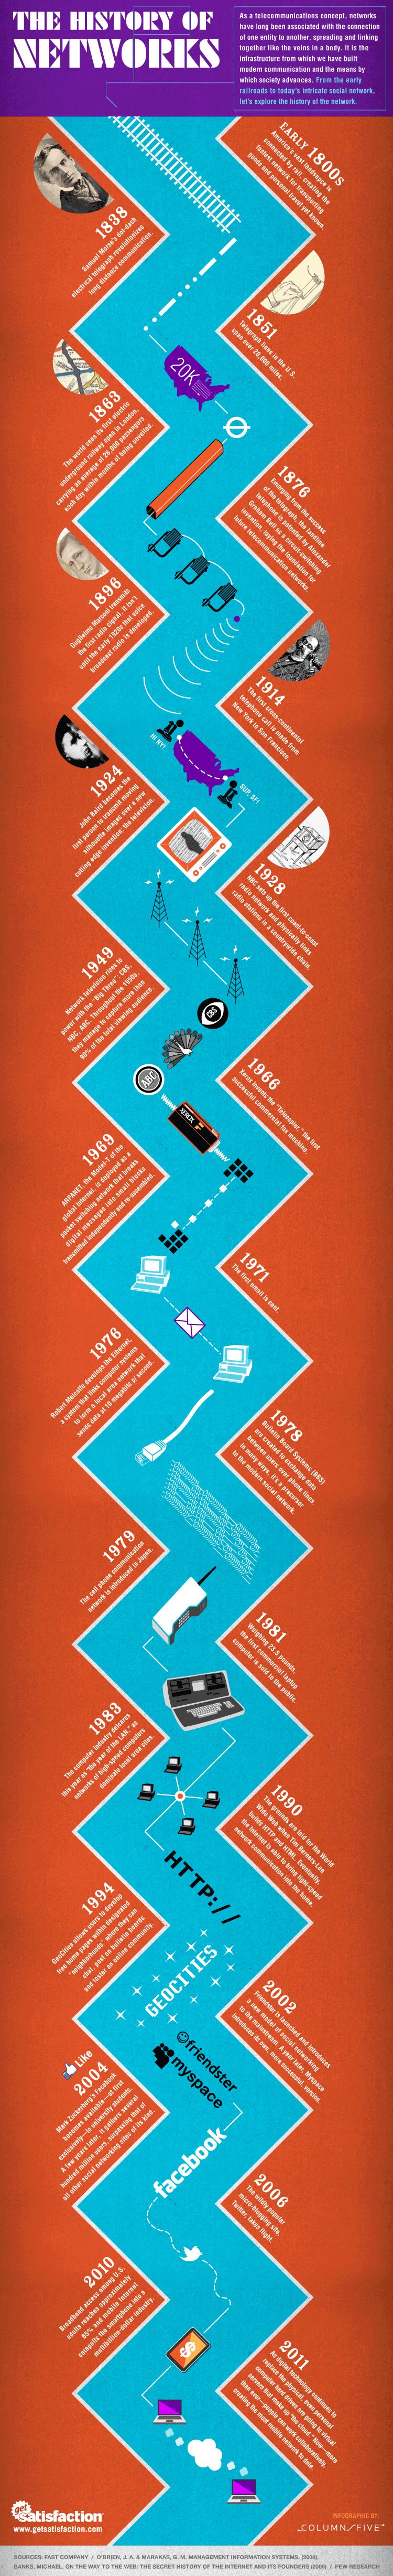 L'histoire des réseaux